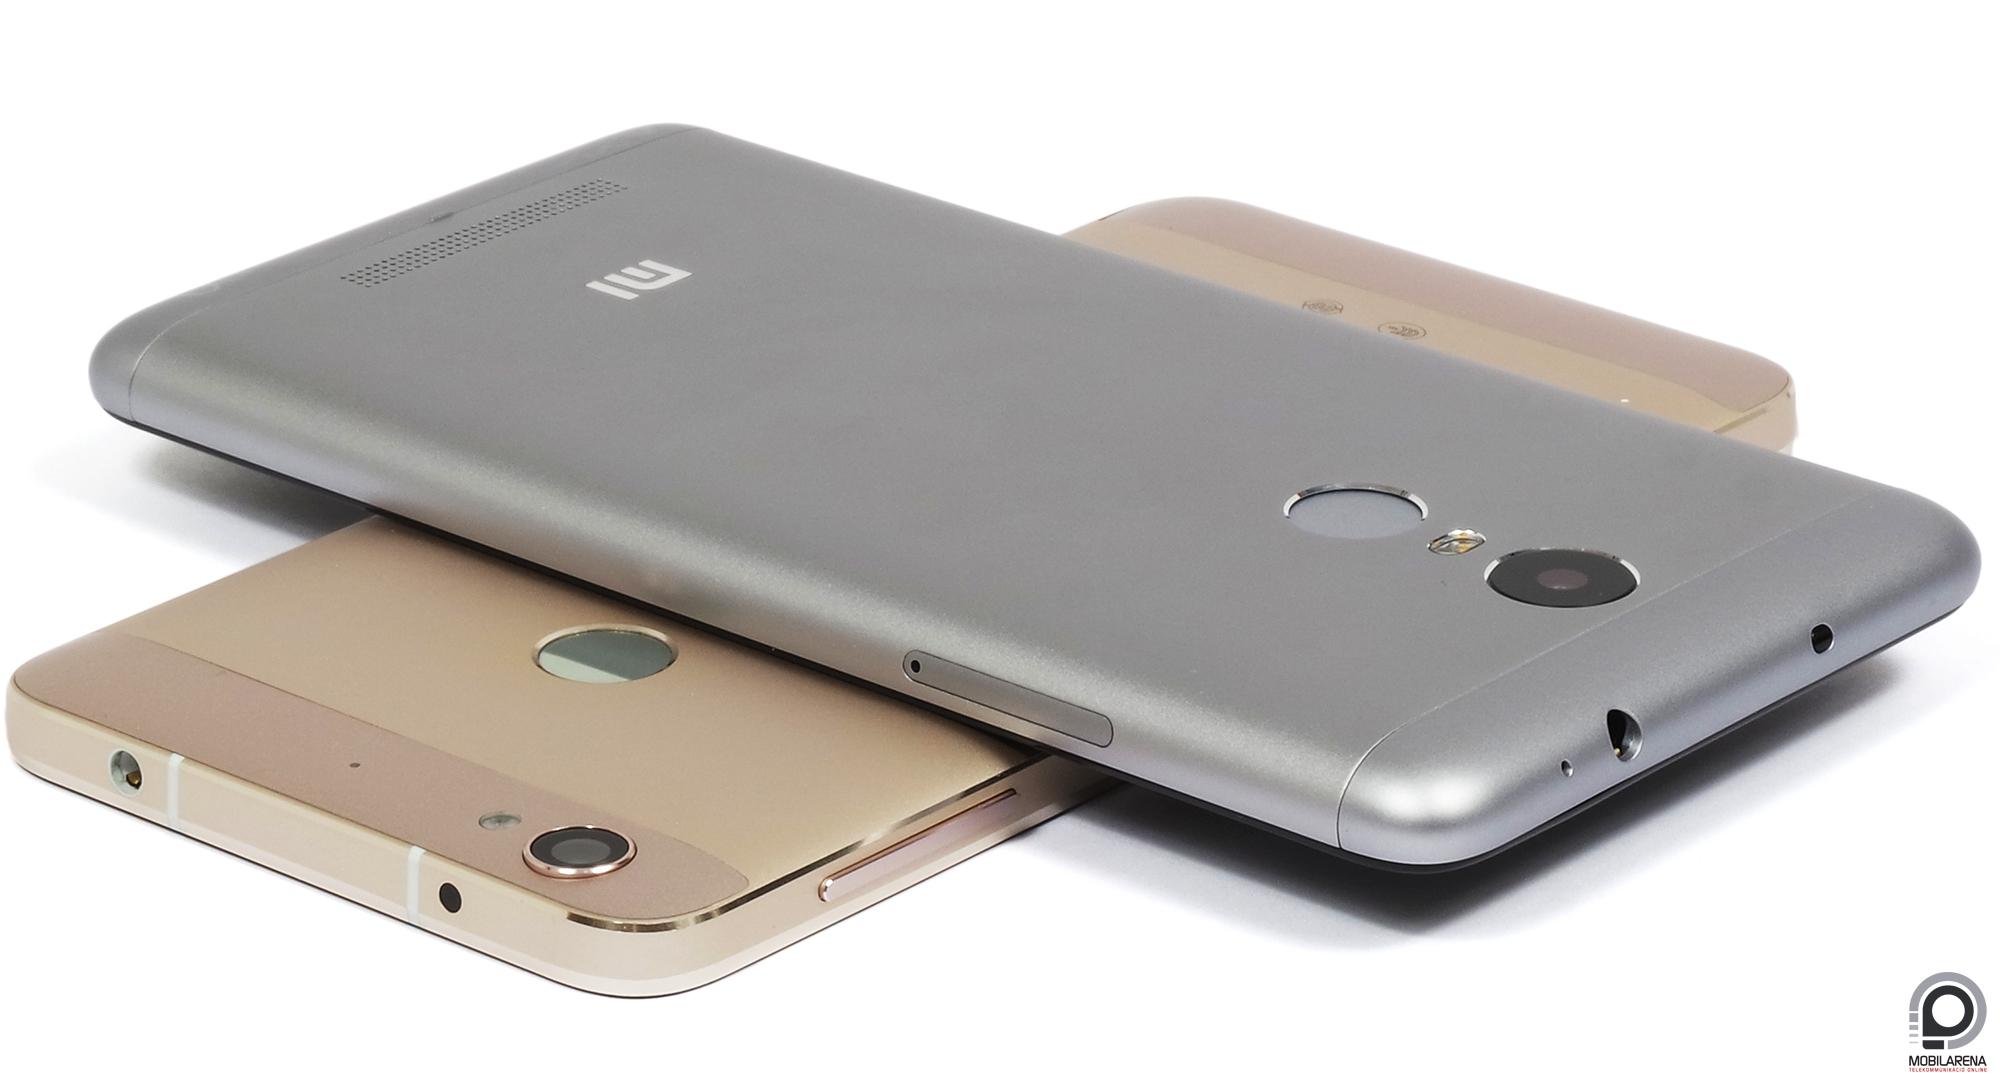 Xiaomi Redmi Note 3 Pro Teljestmnytra Mobilarena Phablet Teszt A Pont Gy Nz Ki Mint Sima Vltozat